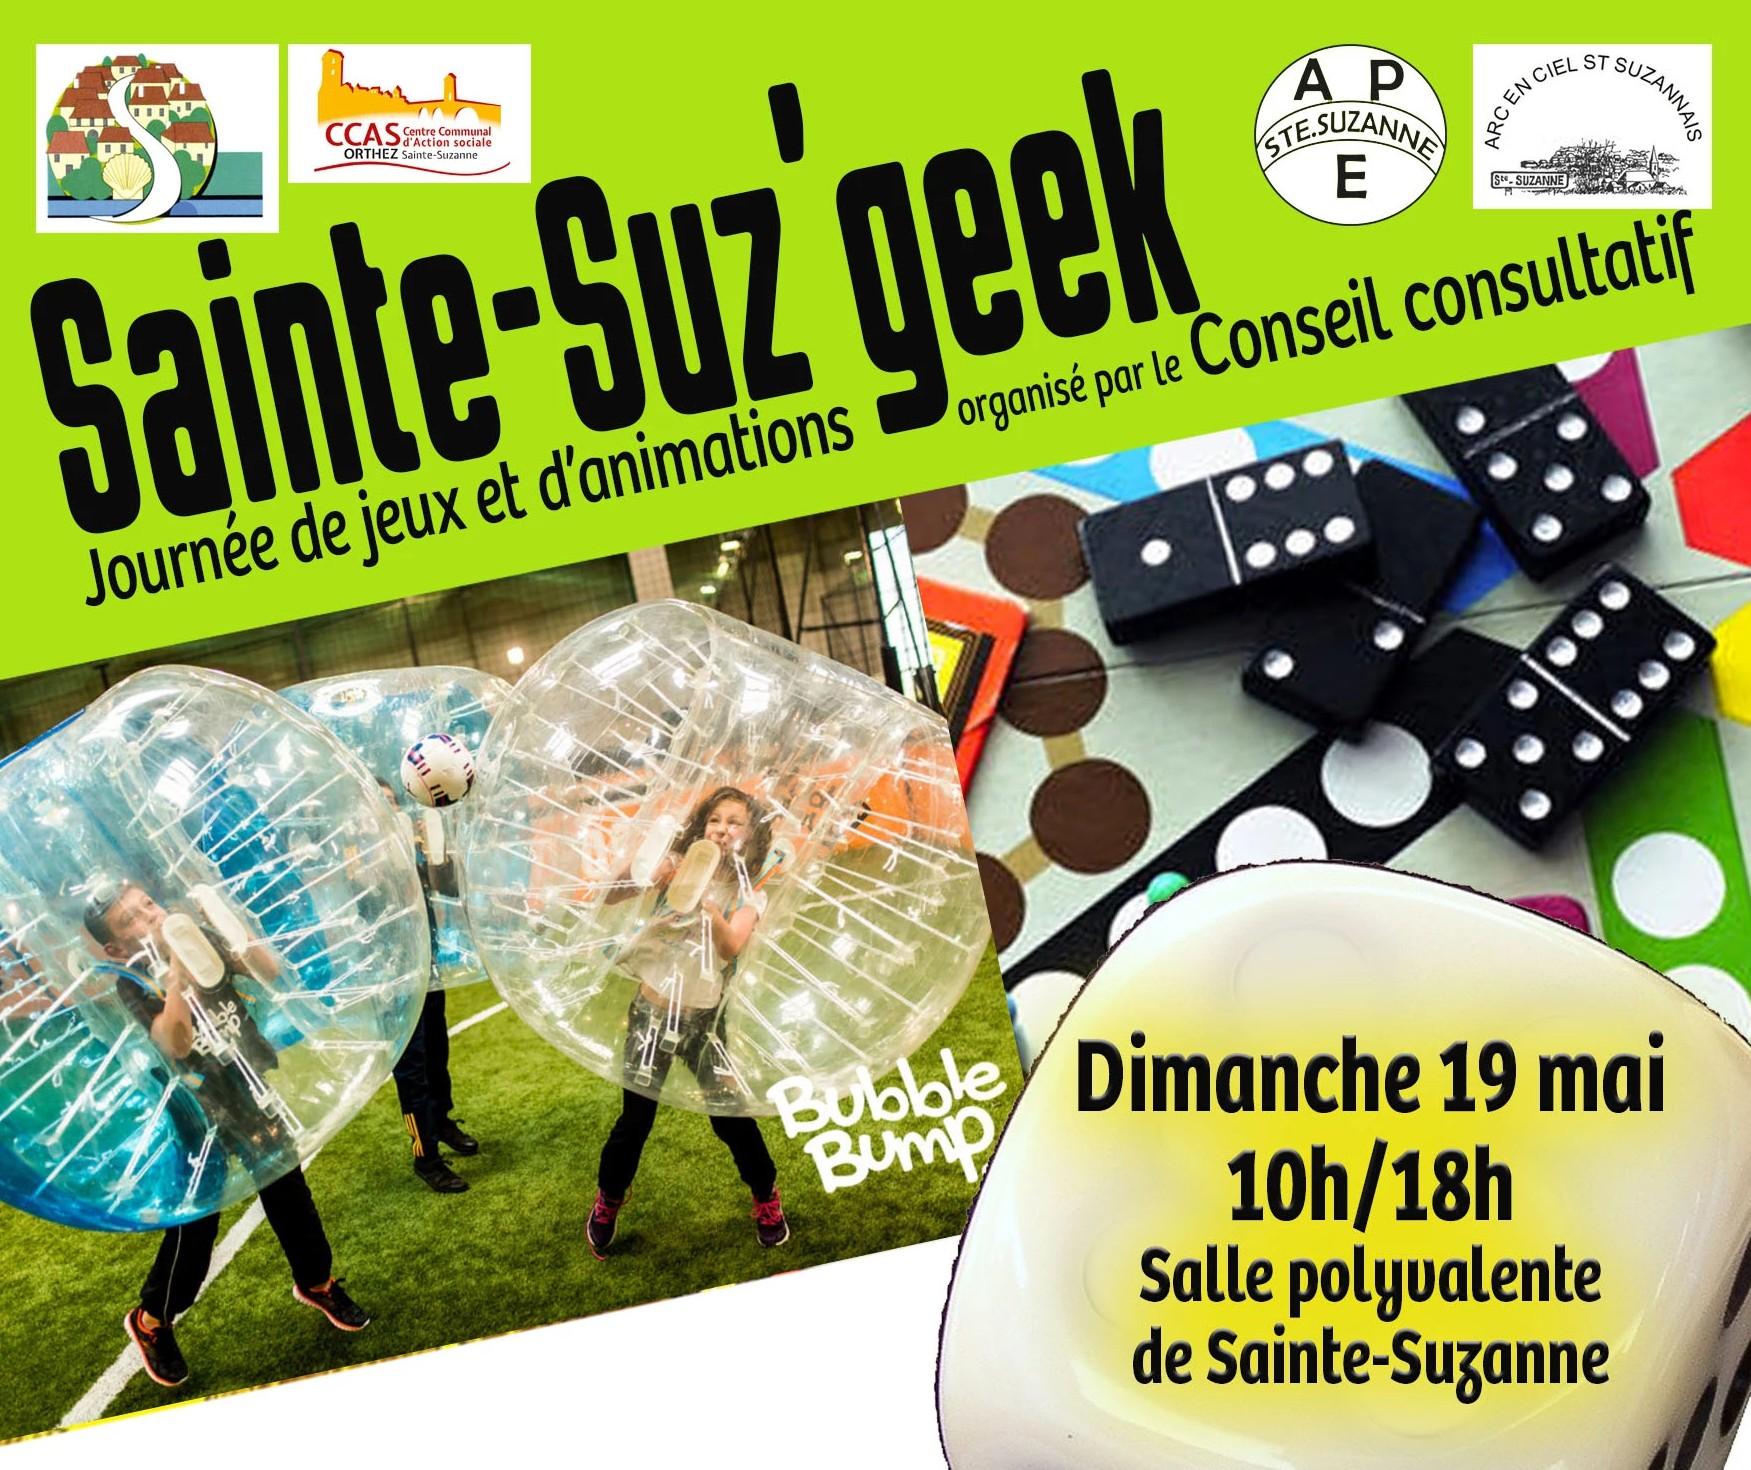 Sainte-Suz'geek - ORTHEZ